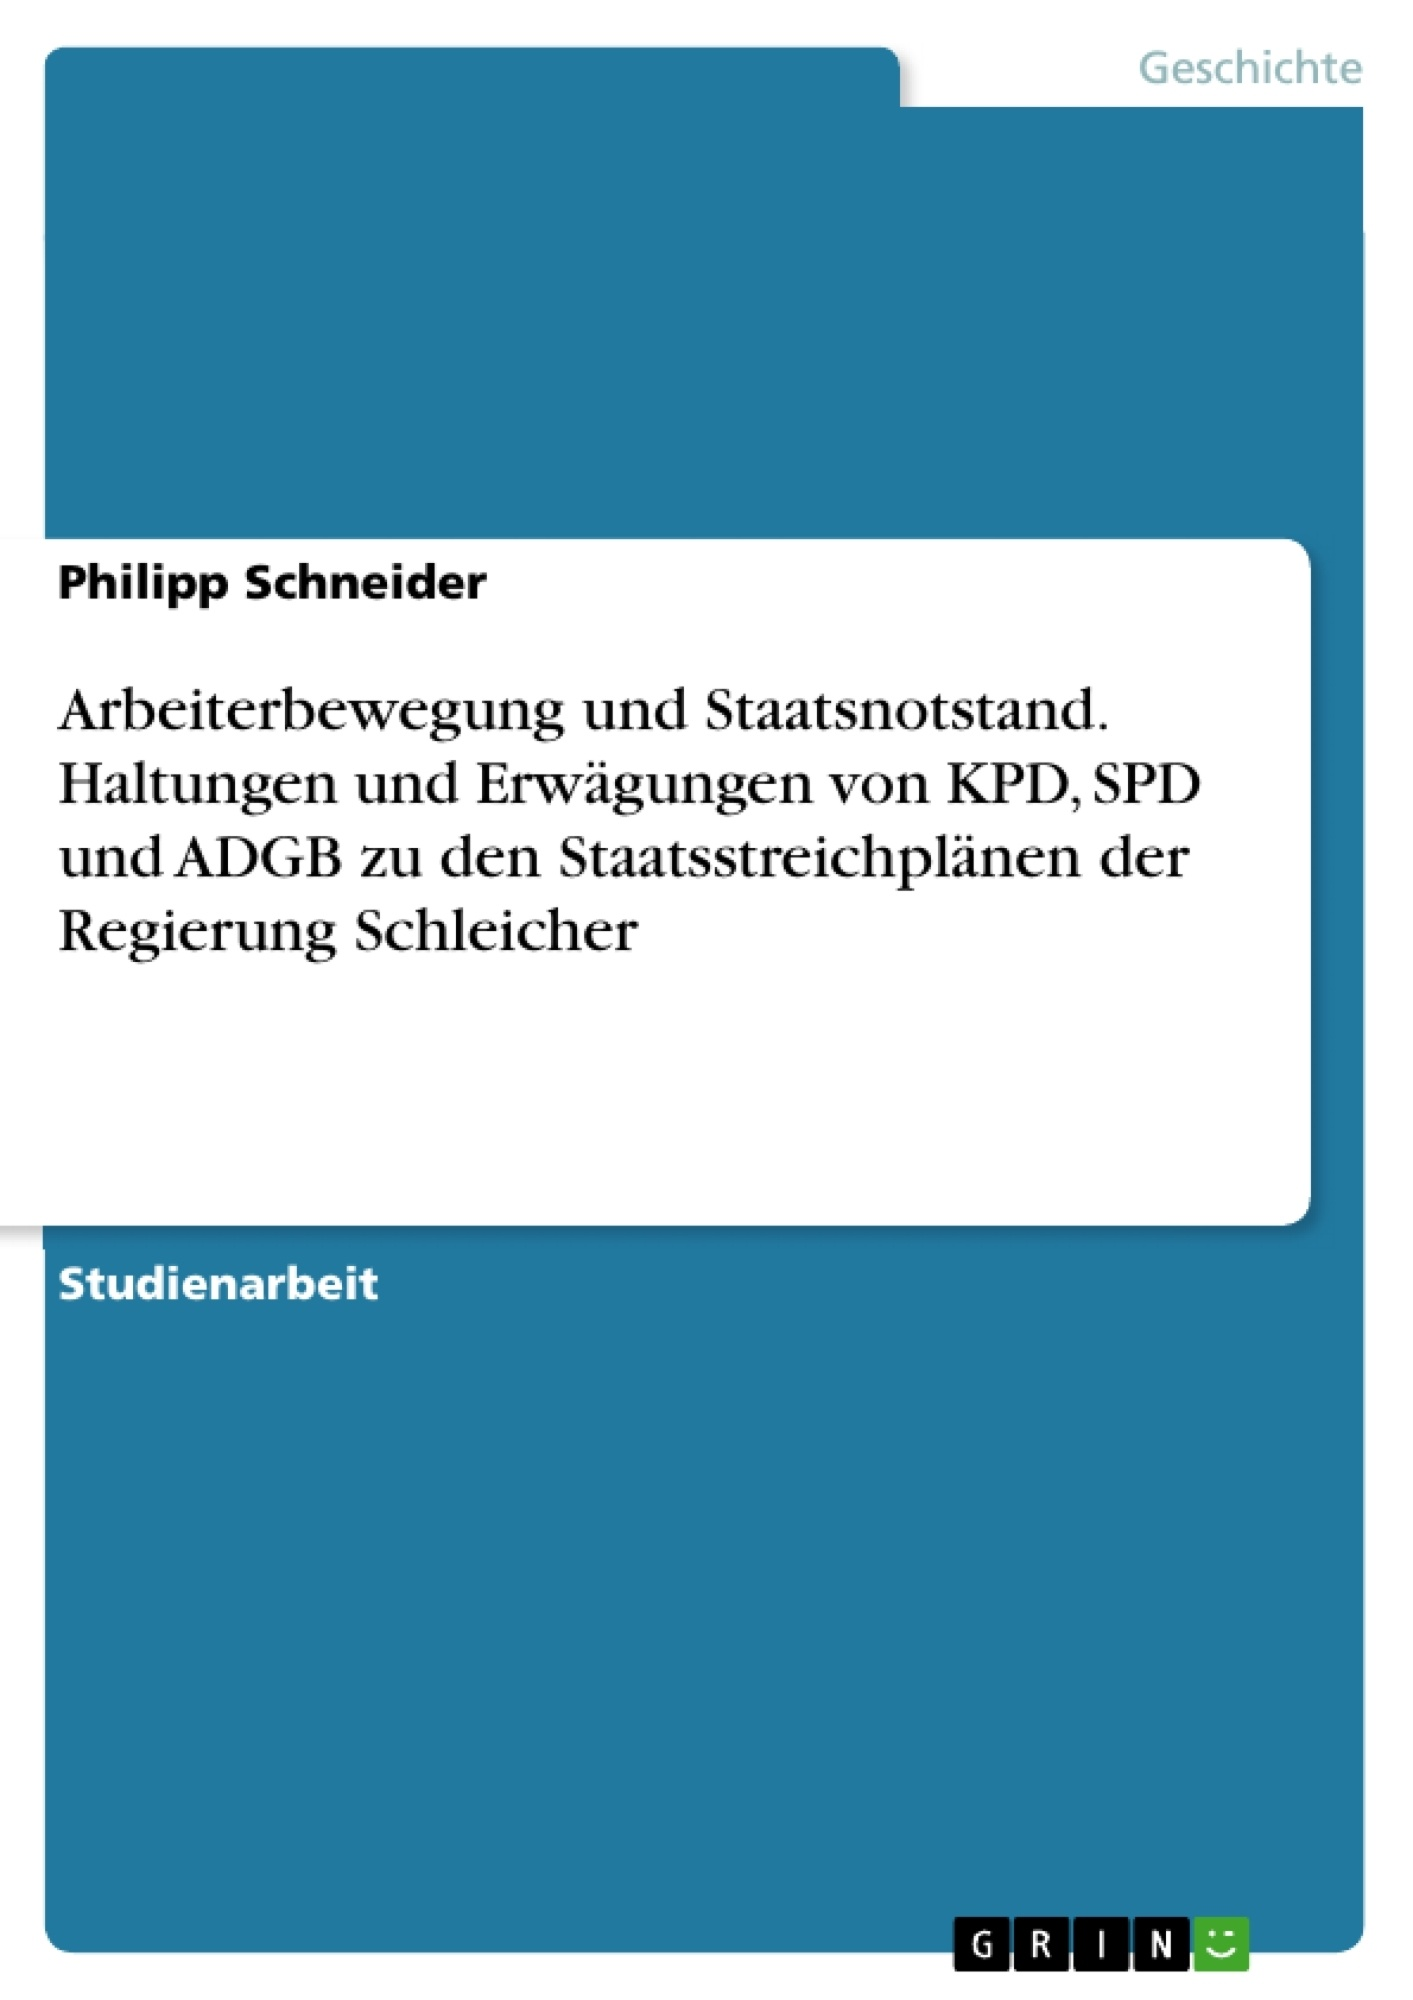 Titel: Arbeiterbewegung und Staatsnotstand. Haltungen und Erwägungen von KPD, SPD und ADGB zu den Staatsstreichplänen der Regierung Schleicher